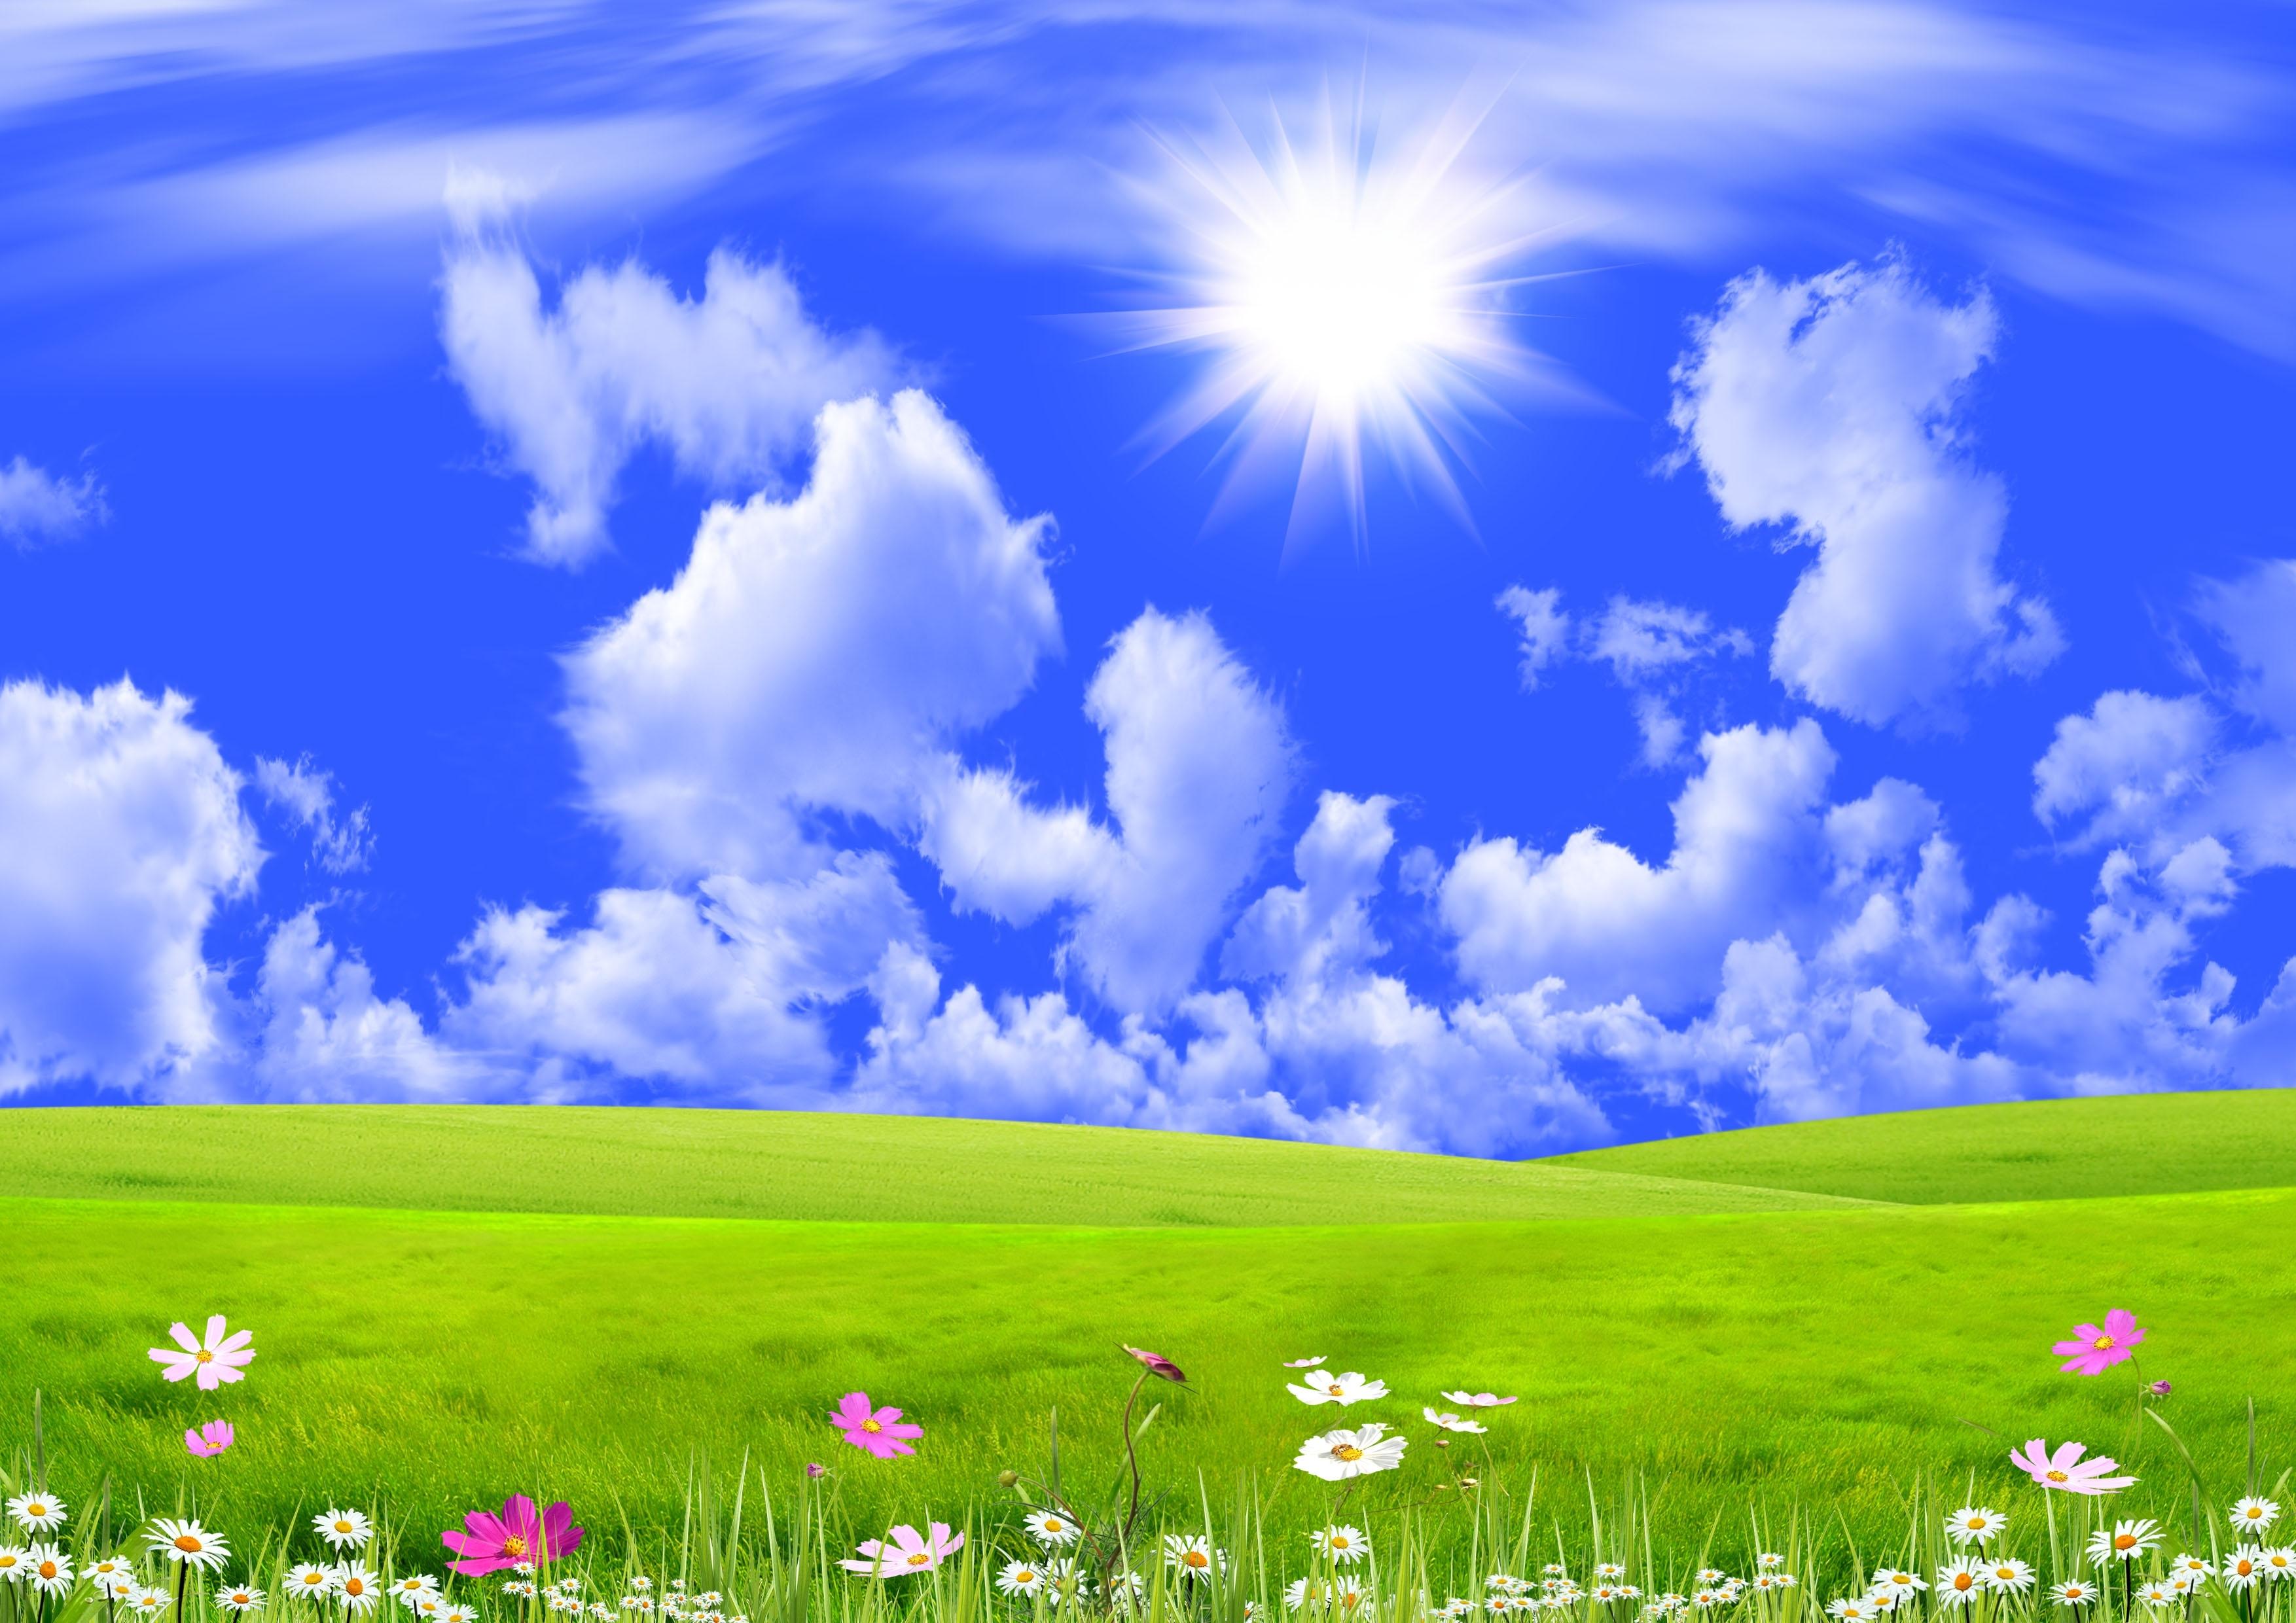 nature image 4525 - hdwpro